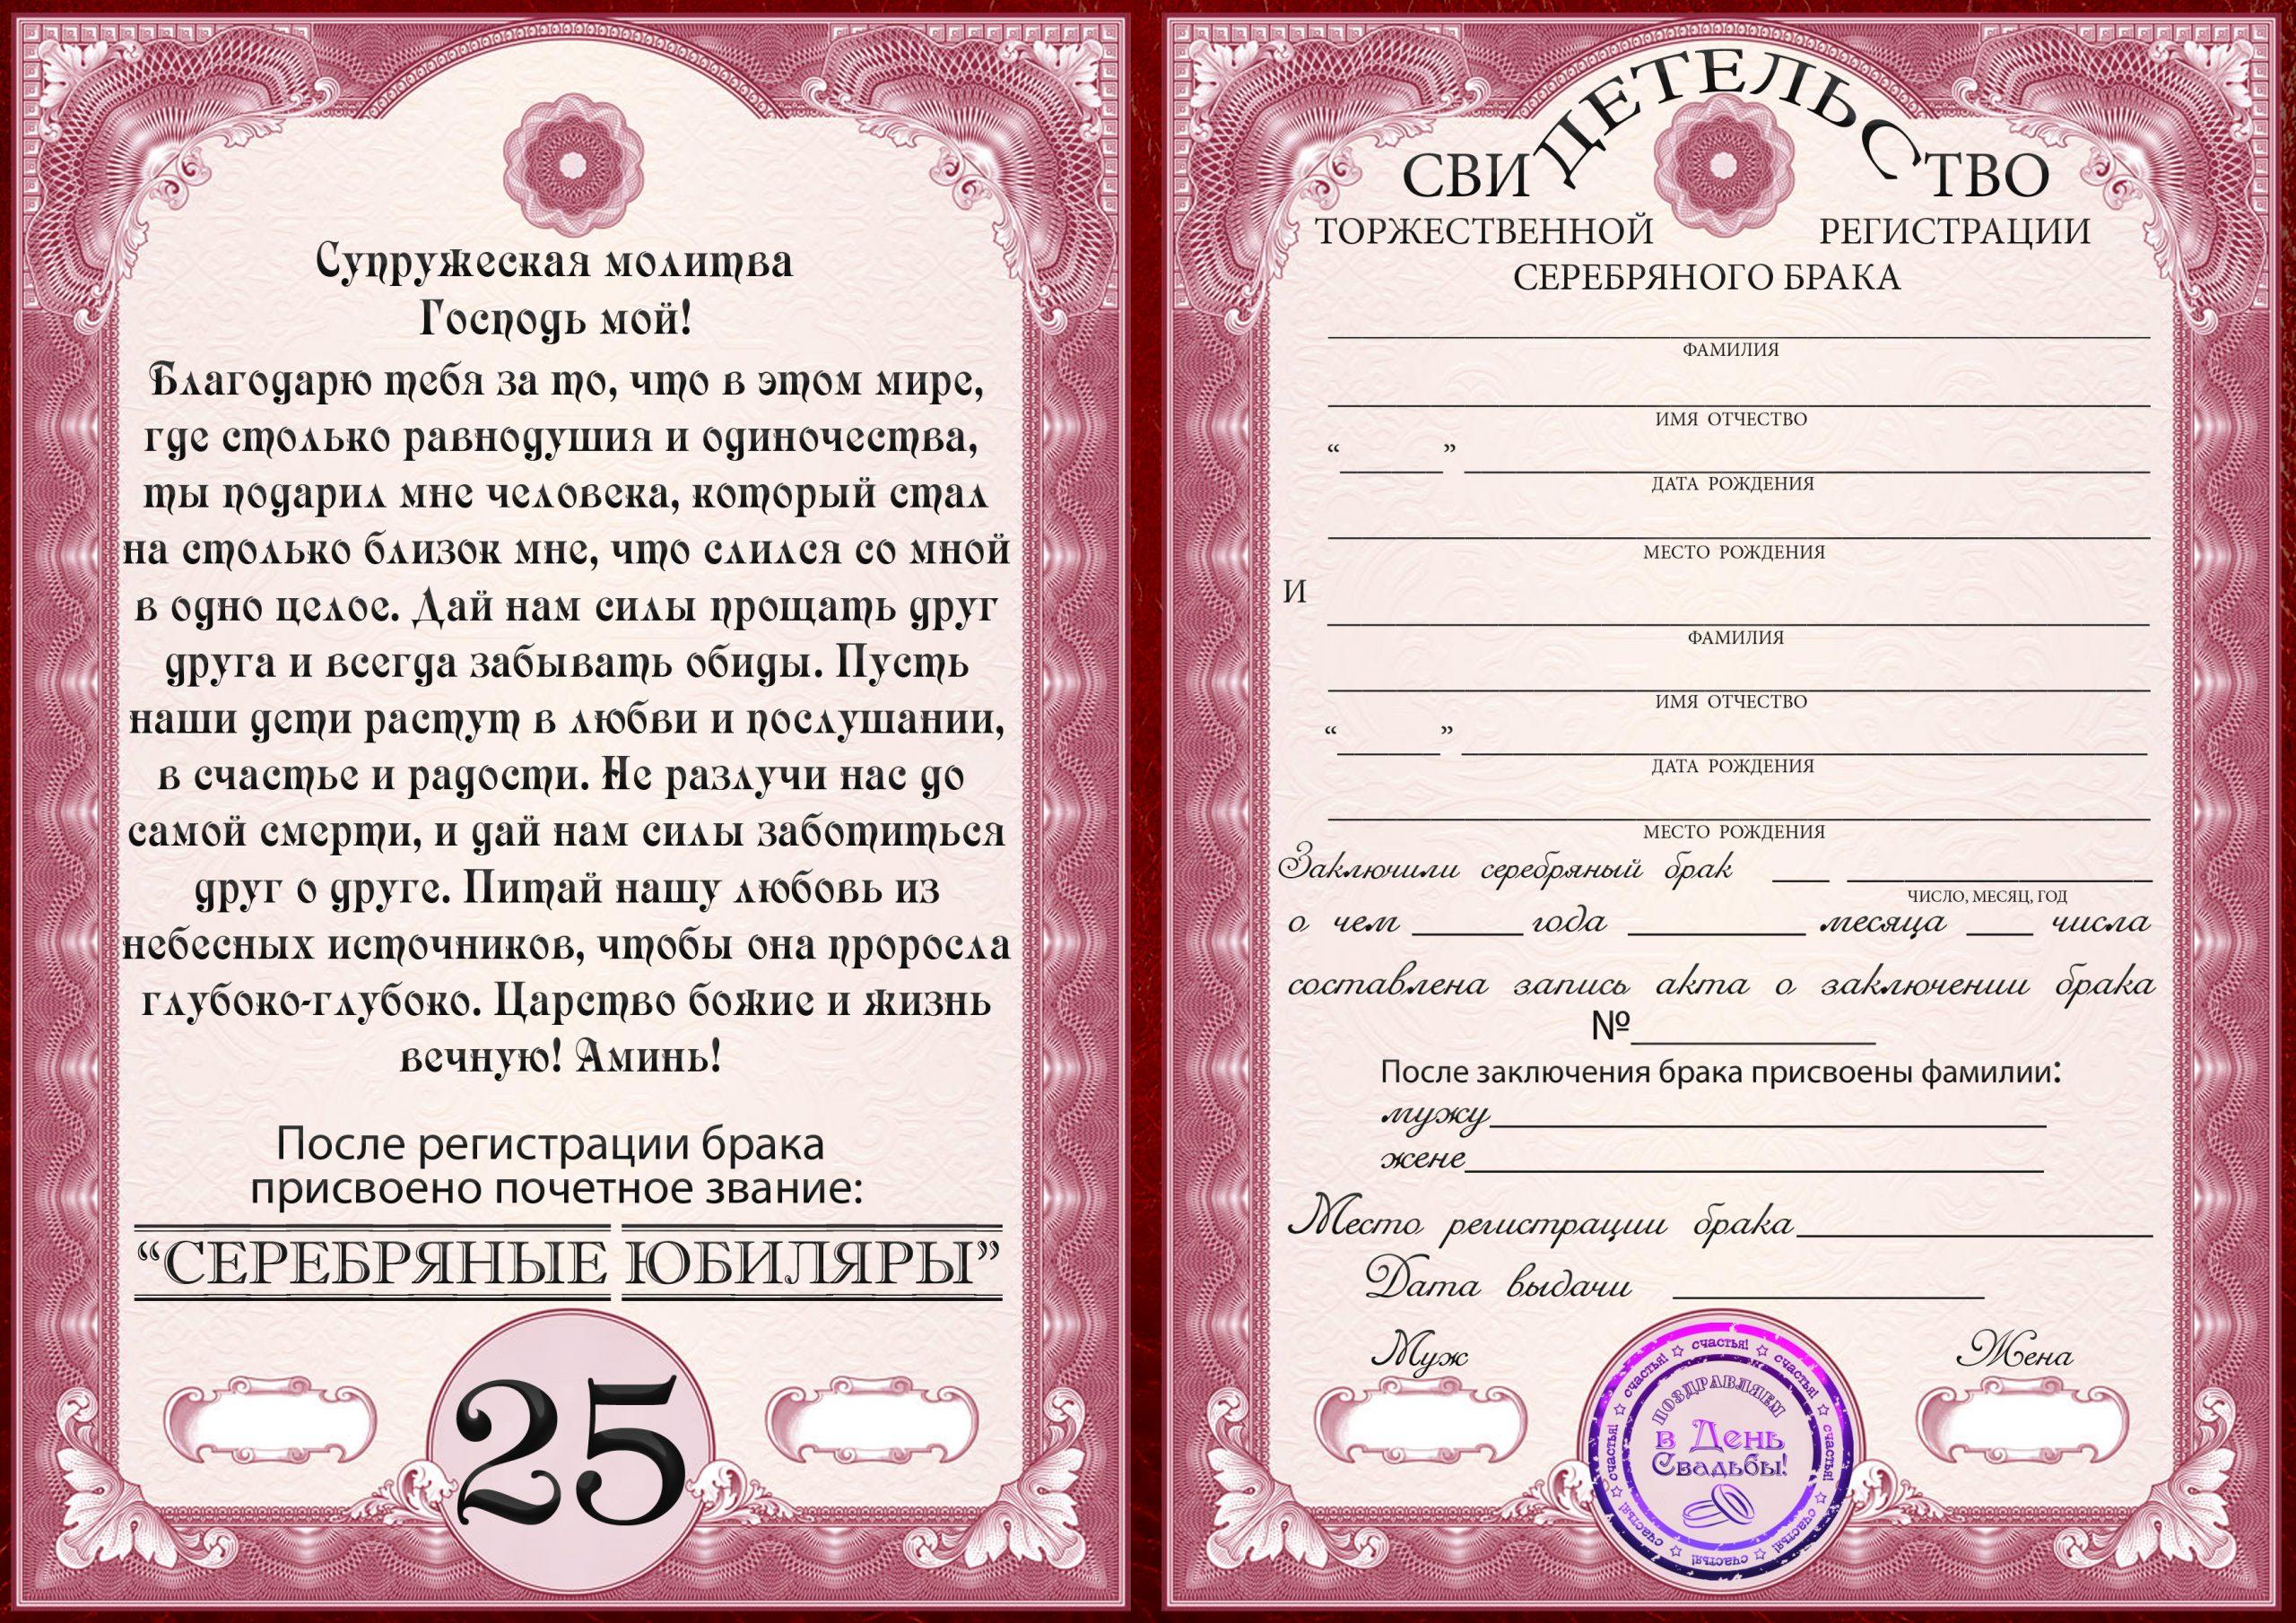 Печать грамот и дипломов для серебрянной свадьбы 25 лет в Москве | фото 7